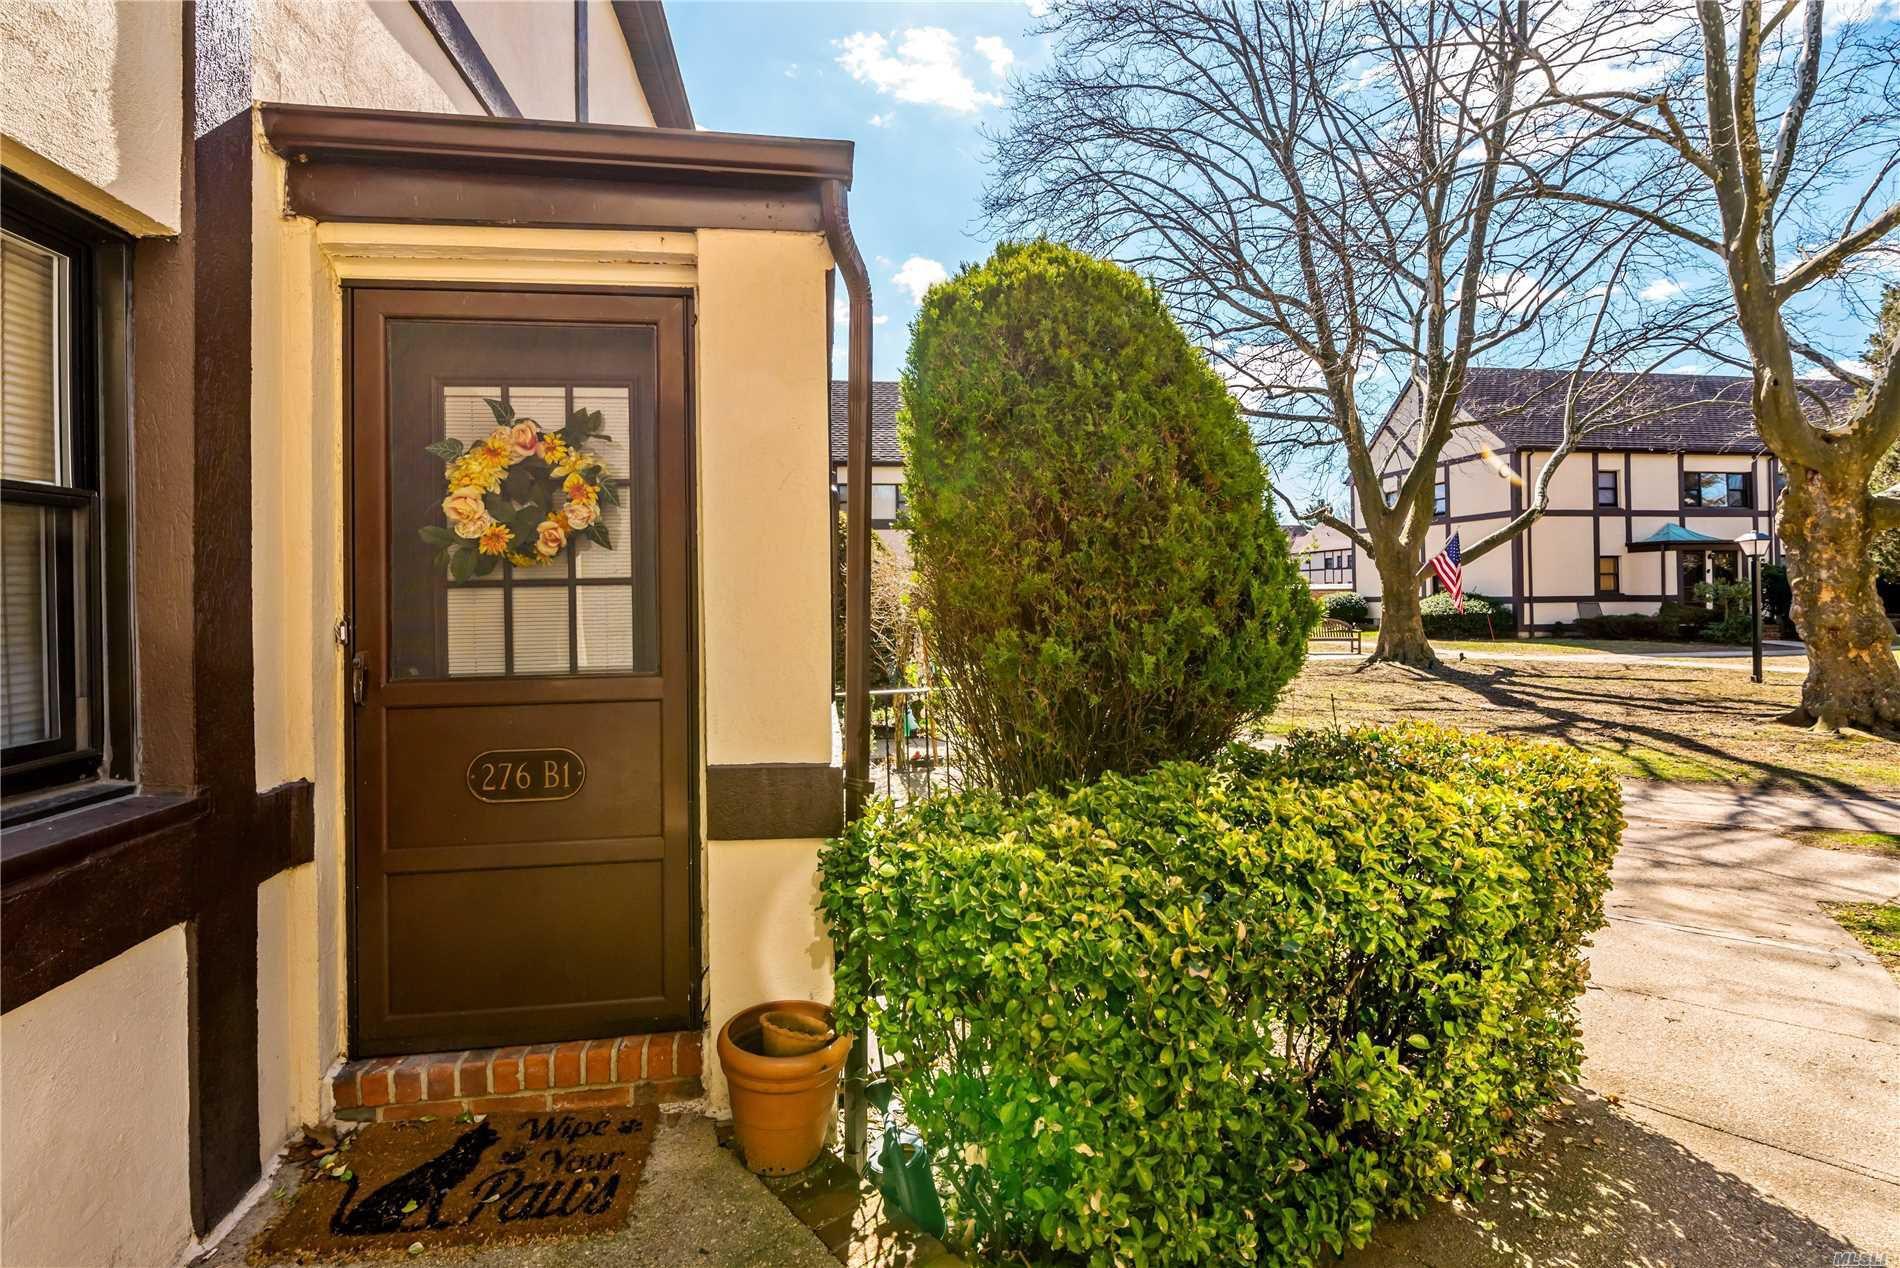 276 Cherry Valley Ave #B1, Garden City, NY 11530   Trulia